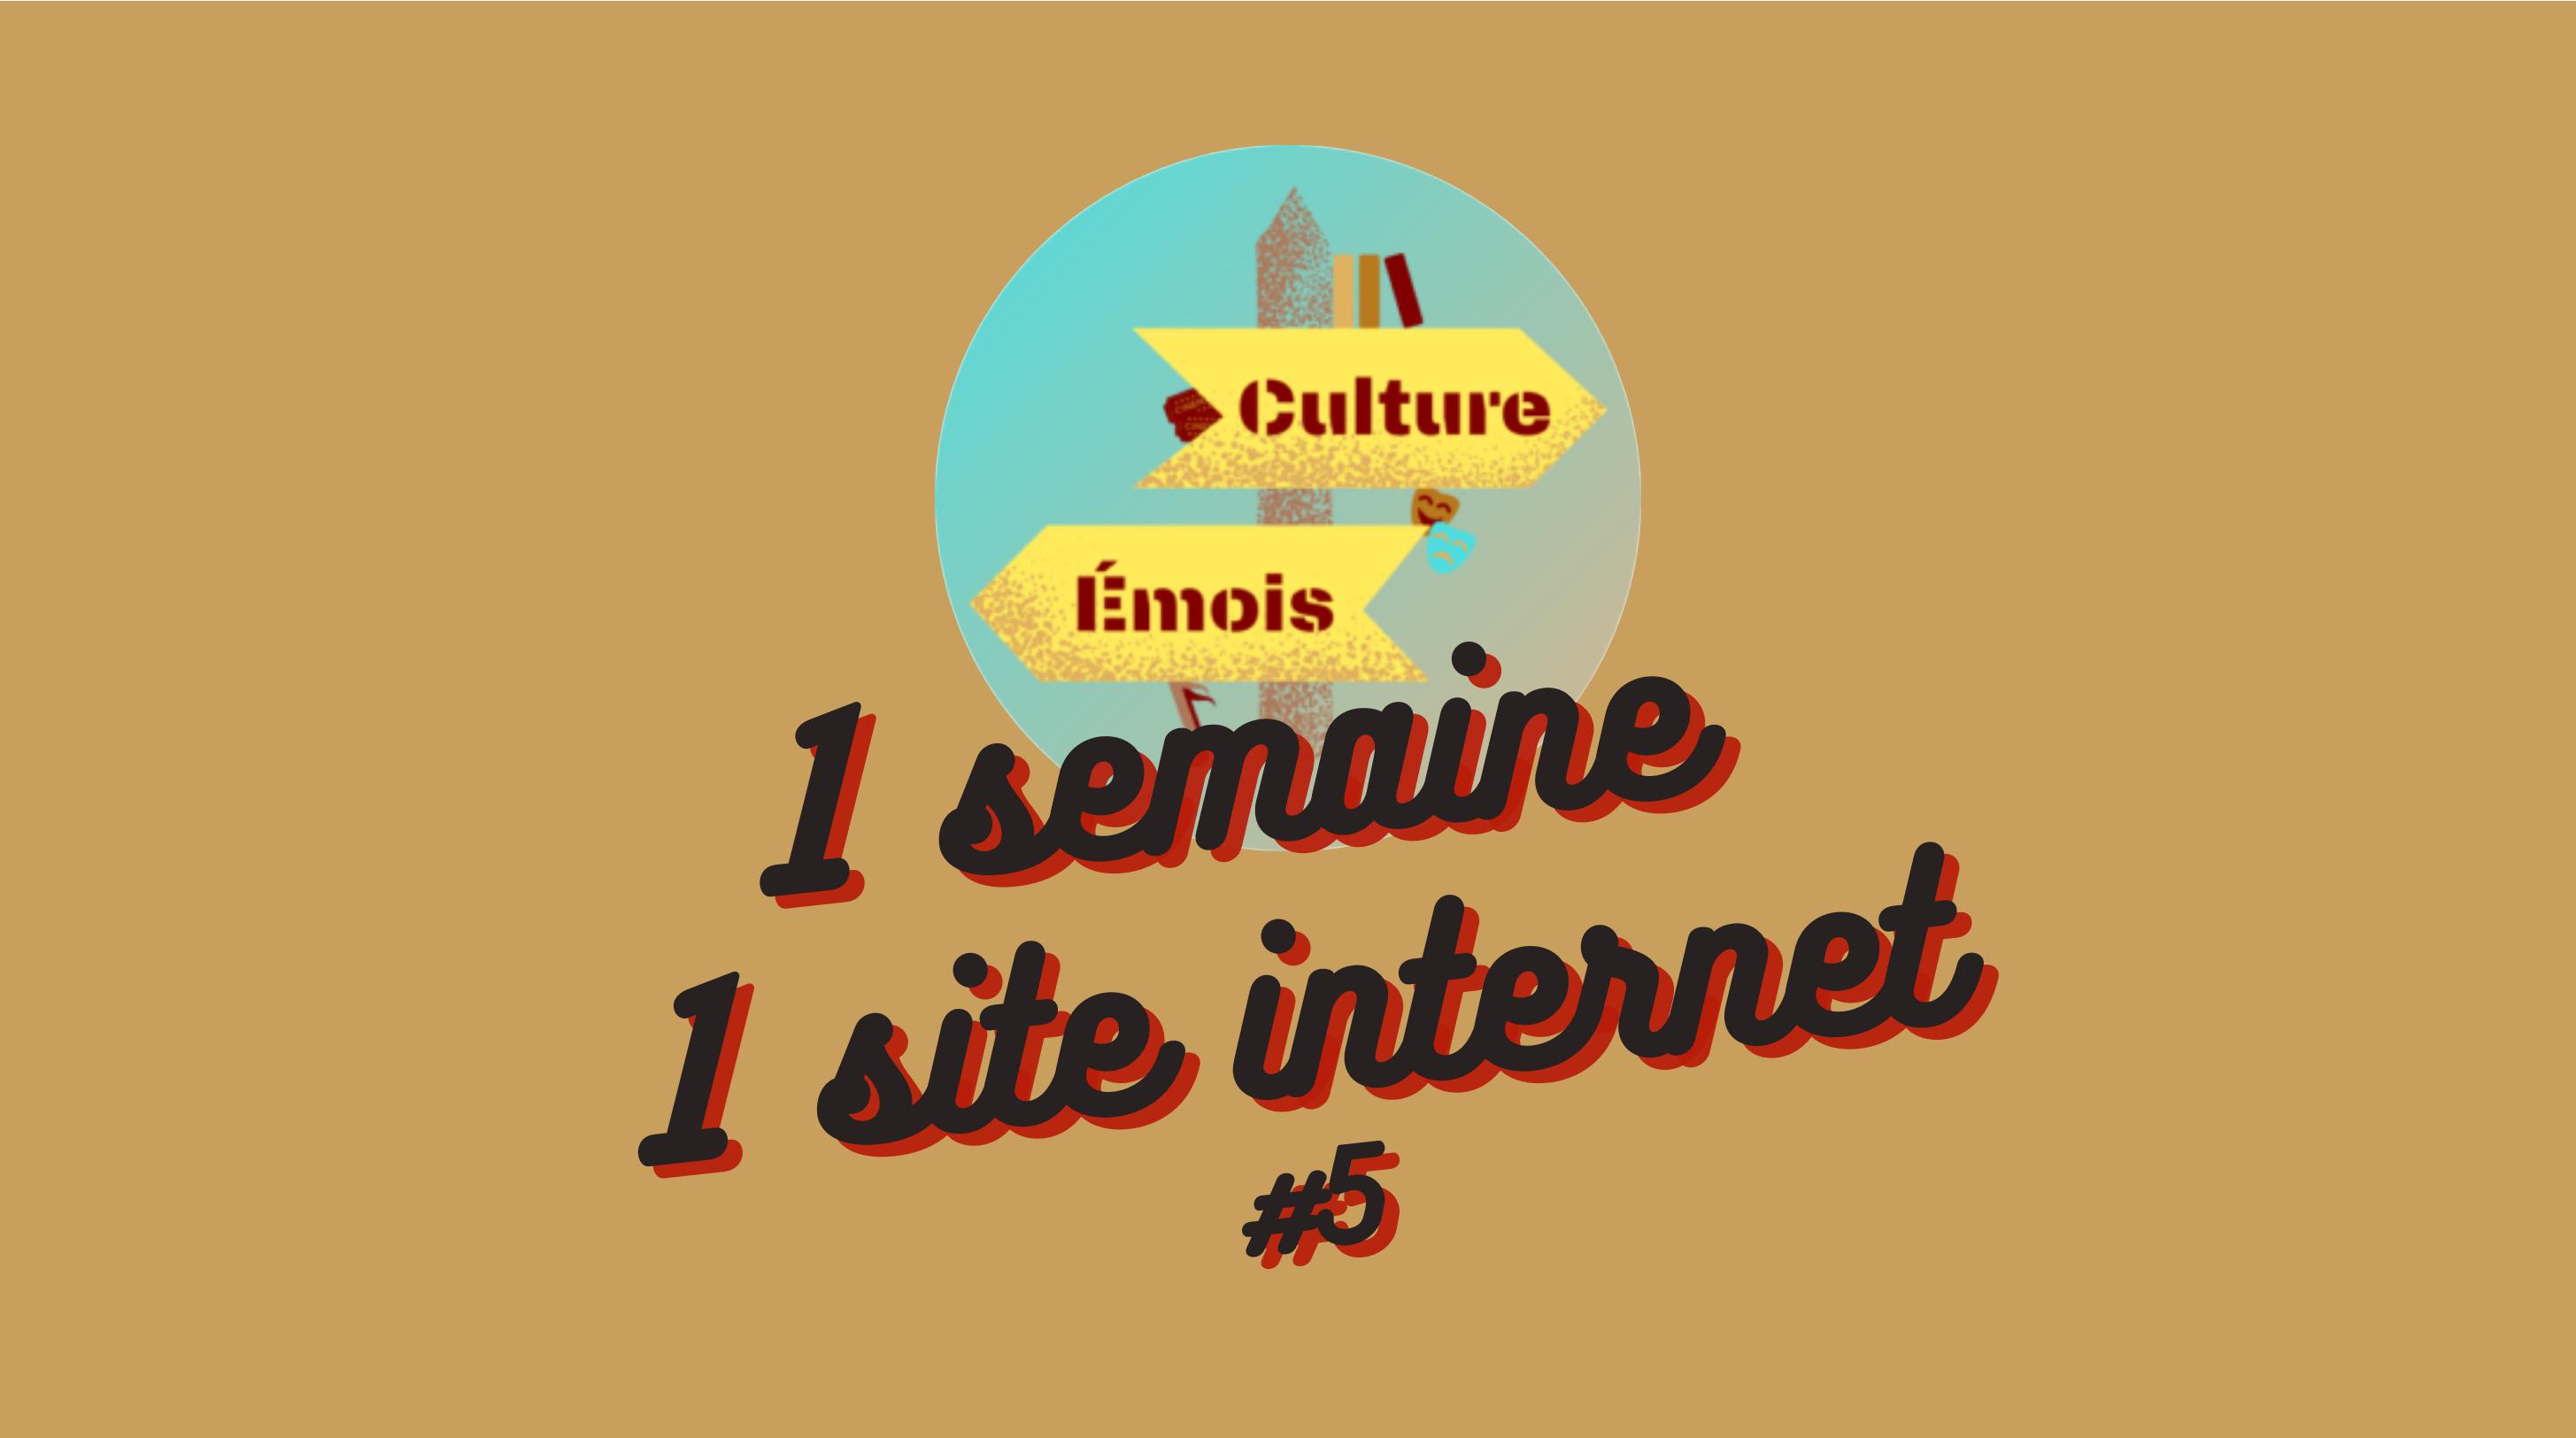 1 Semaine 1 Site internet #5